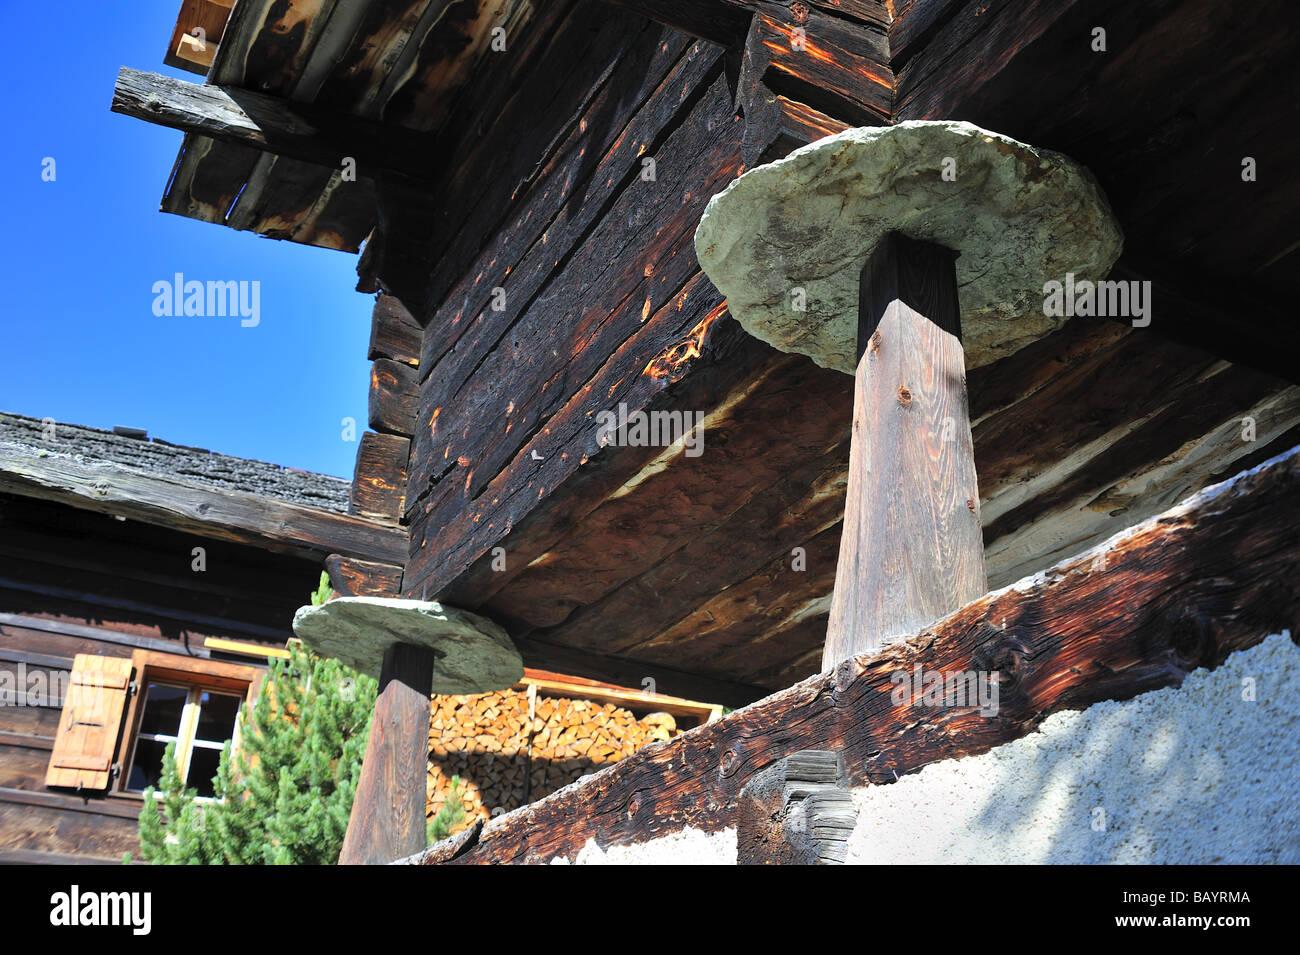 Dettaglio delle pietre staddle sotto un chalet in Chandolin, Svizzera Immagini Stock